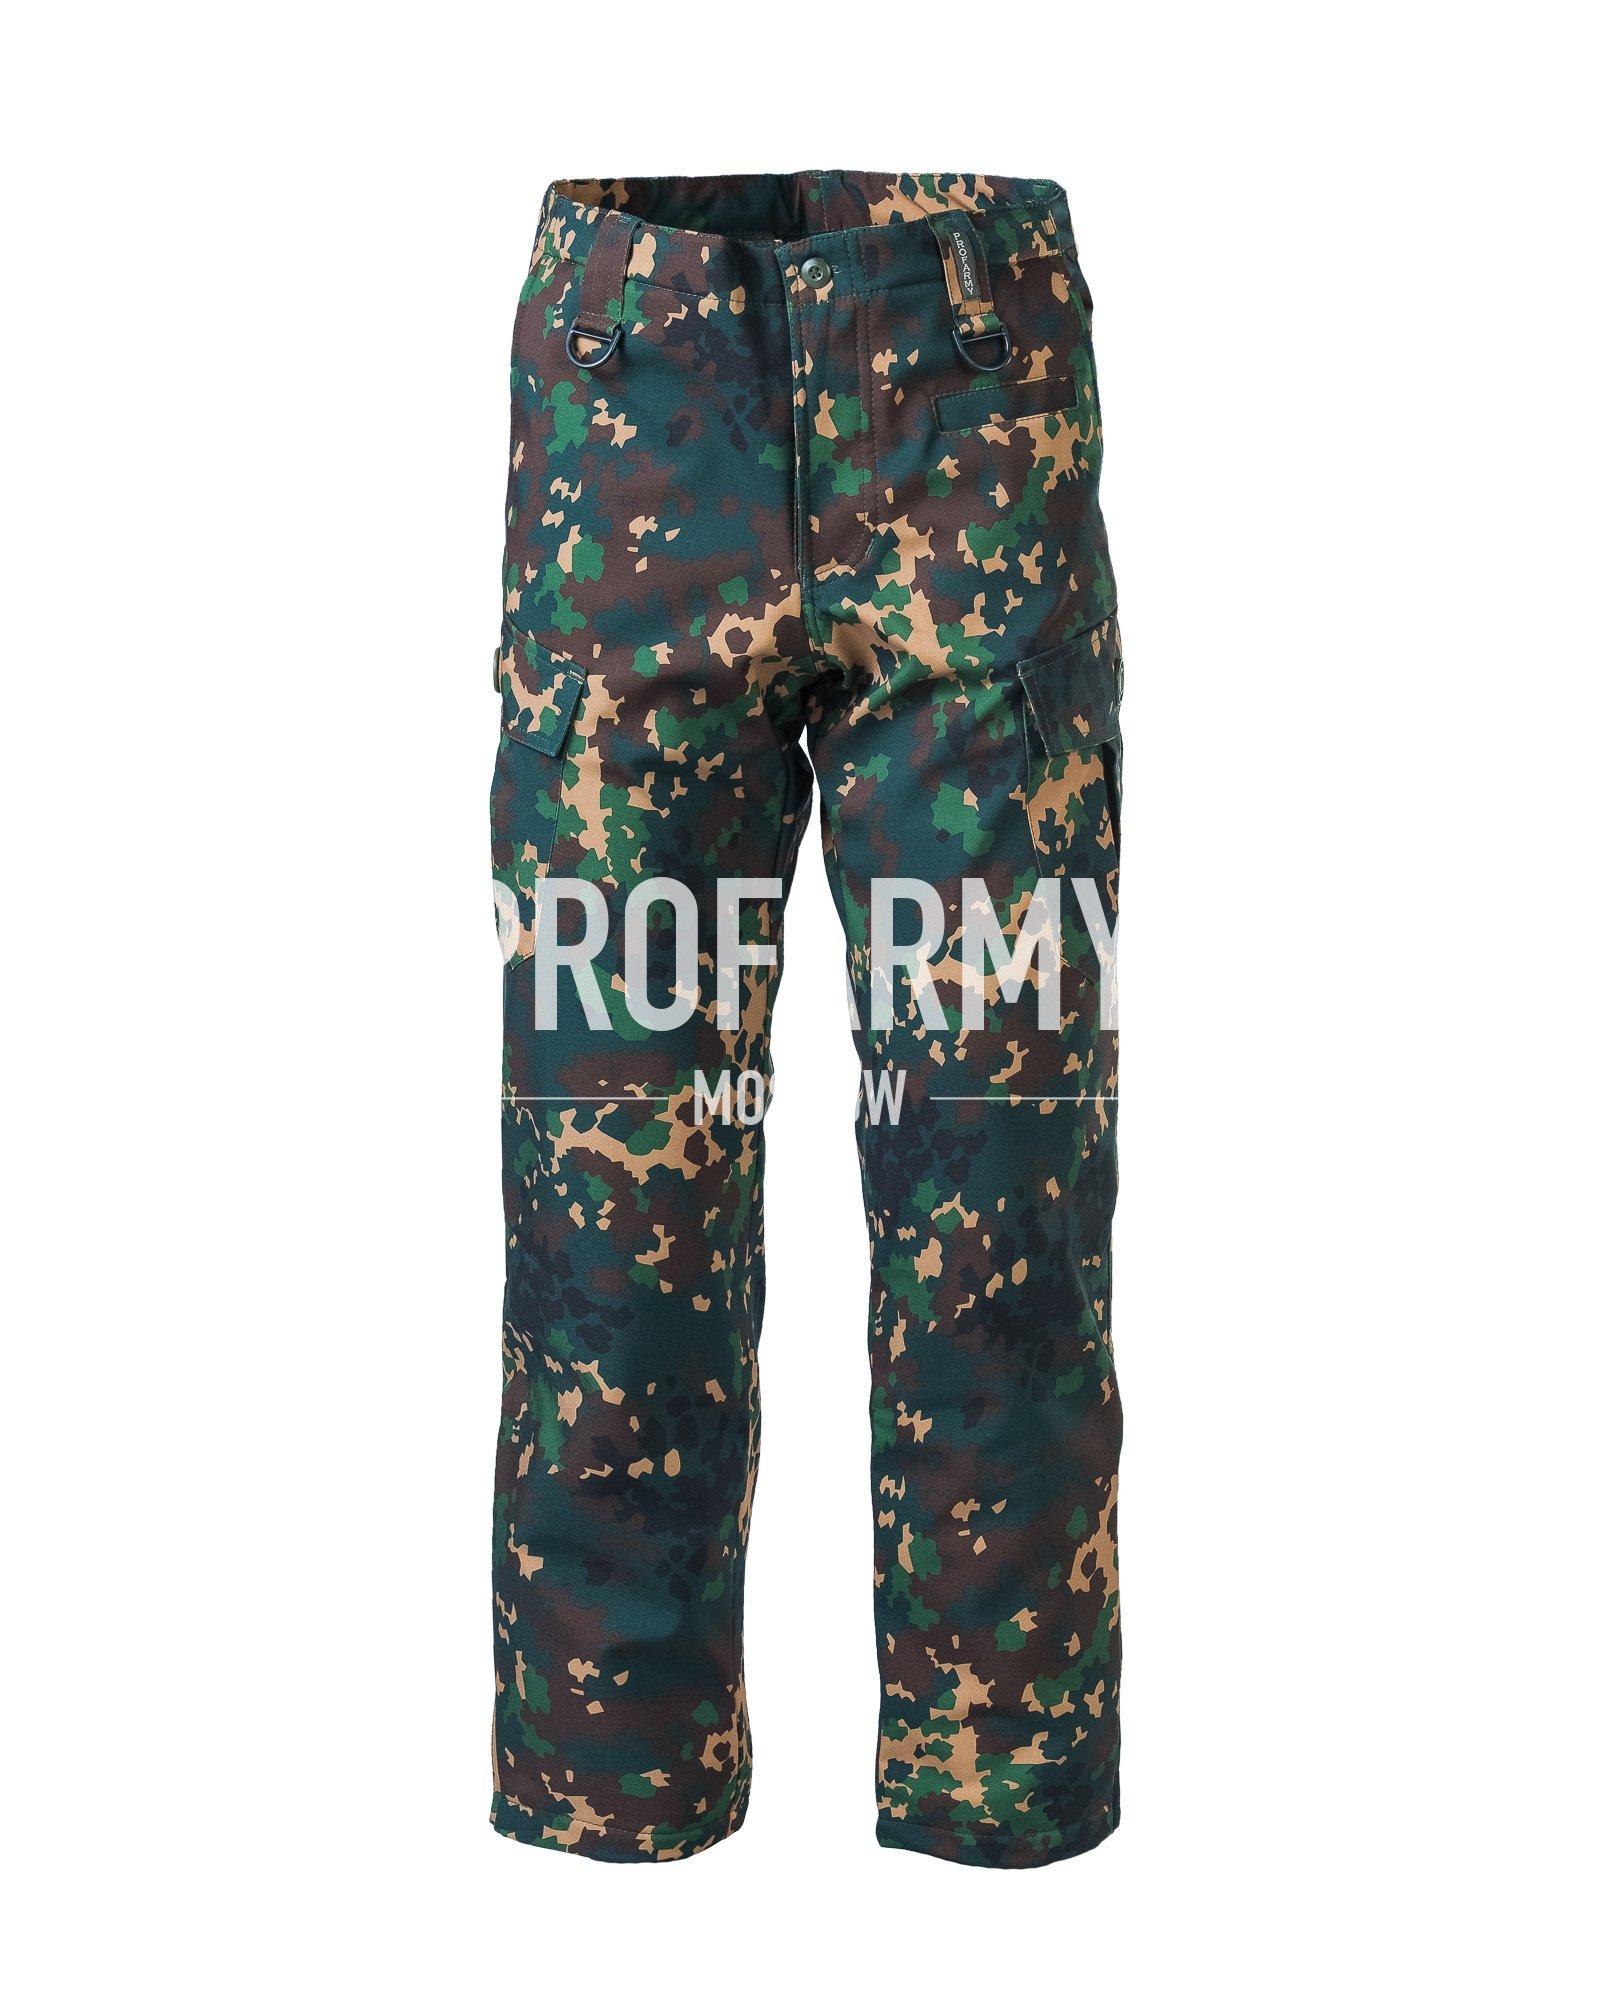 Брюки Mistral-2 XPS15 (излом), Тактические брюки - арт. 897950344